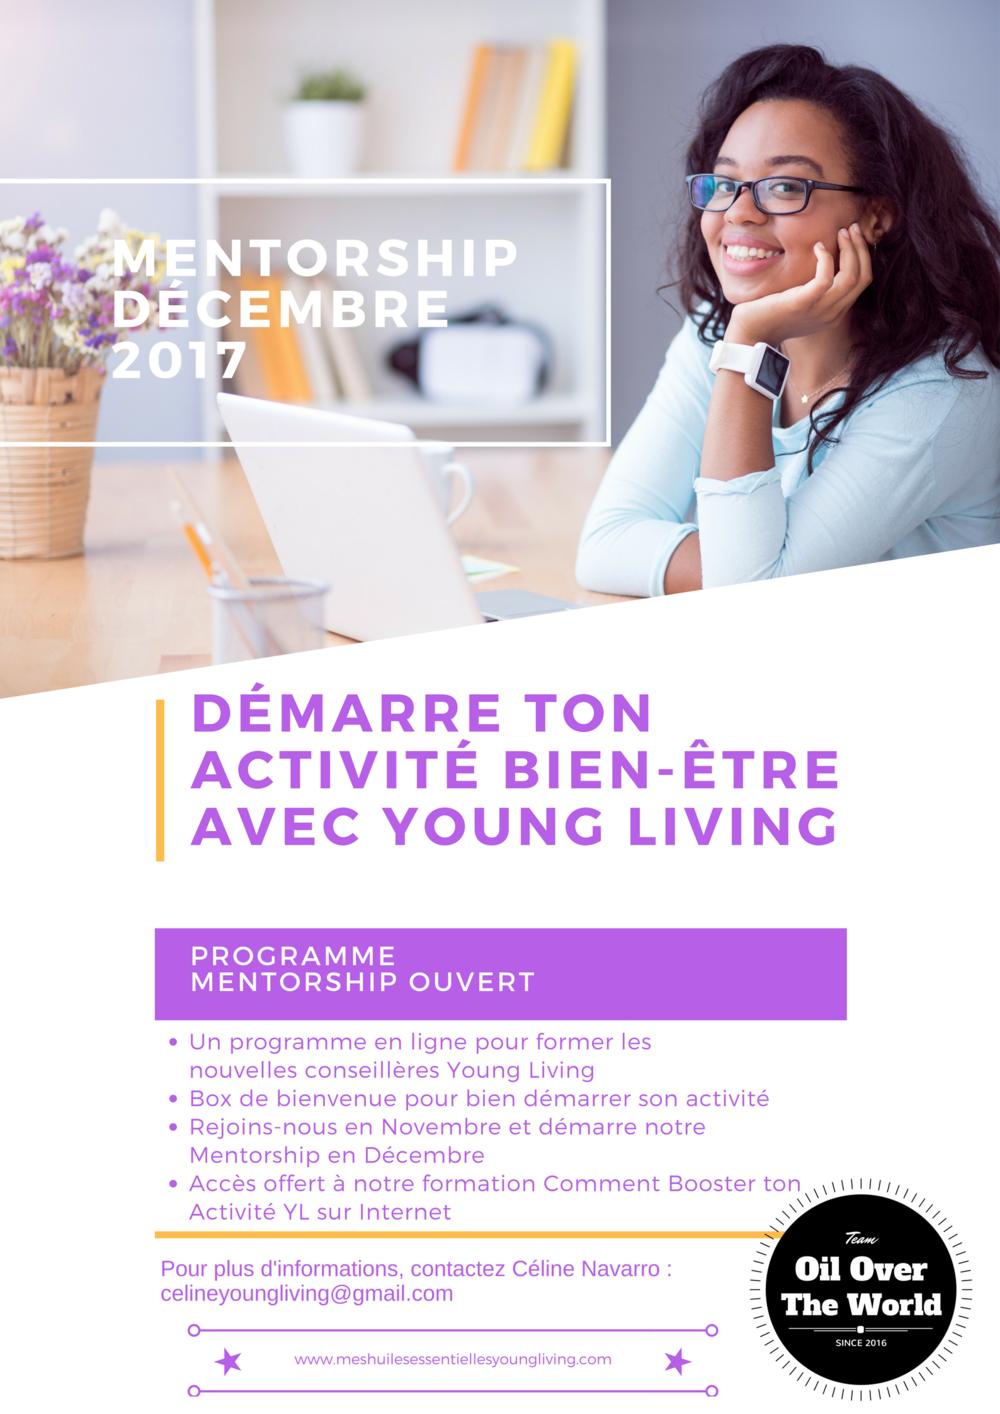 mentorship septembre%2Foctobre 2017.png